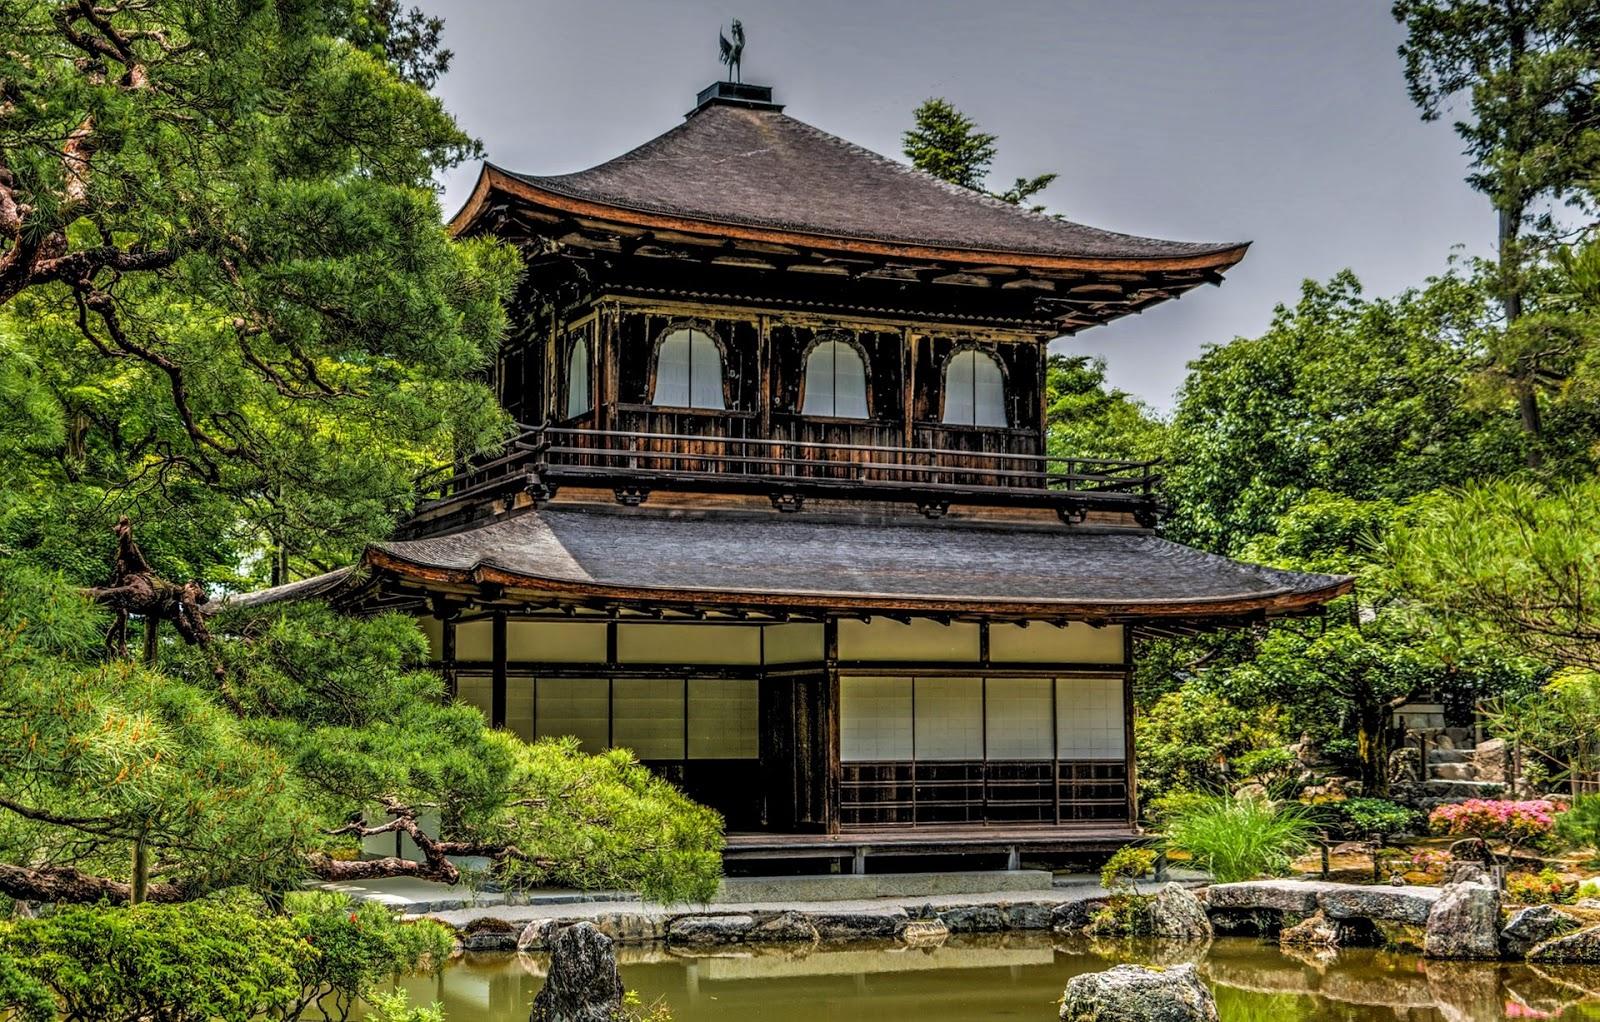 京都-京都景點-推薦-銀閣寺-Ginkakuji-自由行-旅遊-市區-京都必去景點-京都好玩景點-行程-京都必遊景點-日本-Kyoto-Tourist-Attraction